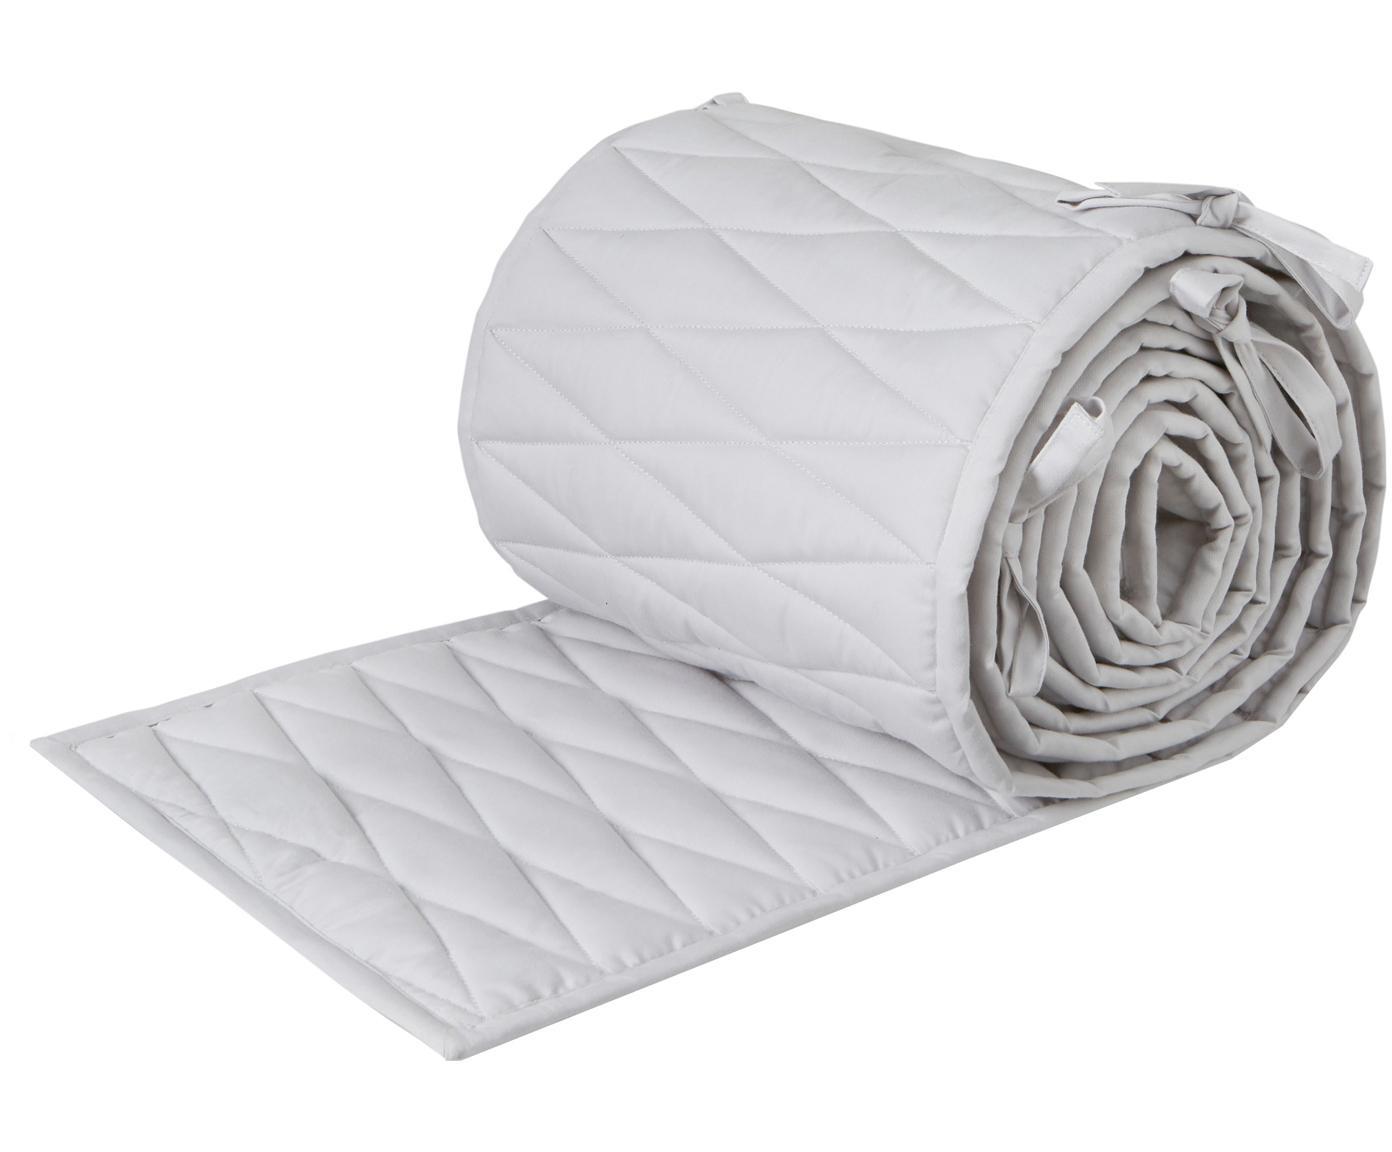 Paracolpi per culla in cotone organico Safe, Rivestimento: cotone organico, Grigio chiaro, Larg. 30 x Lung. 365 cm